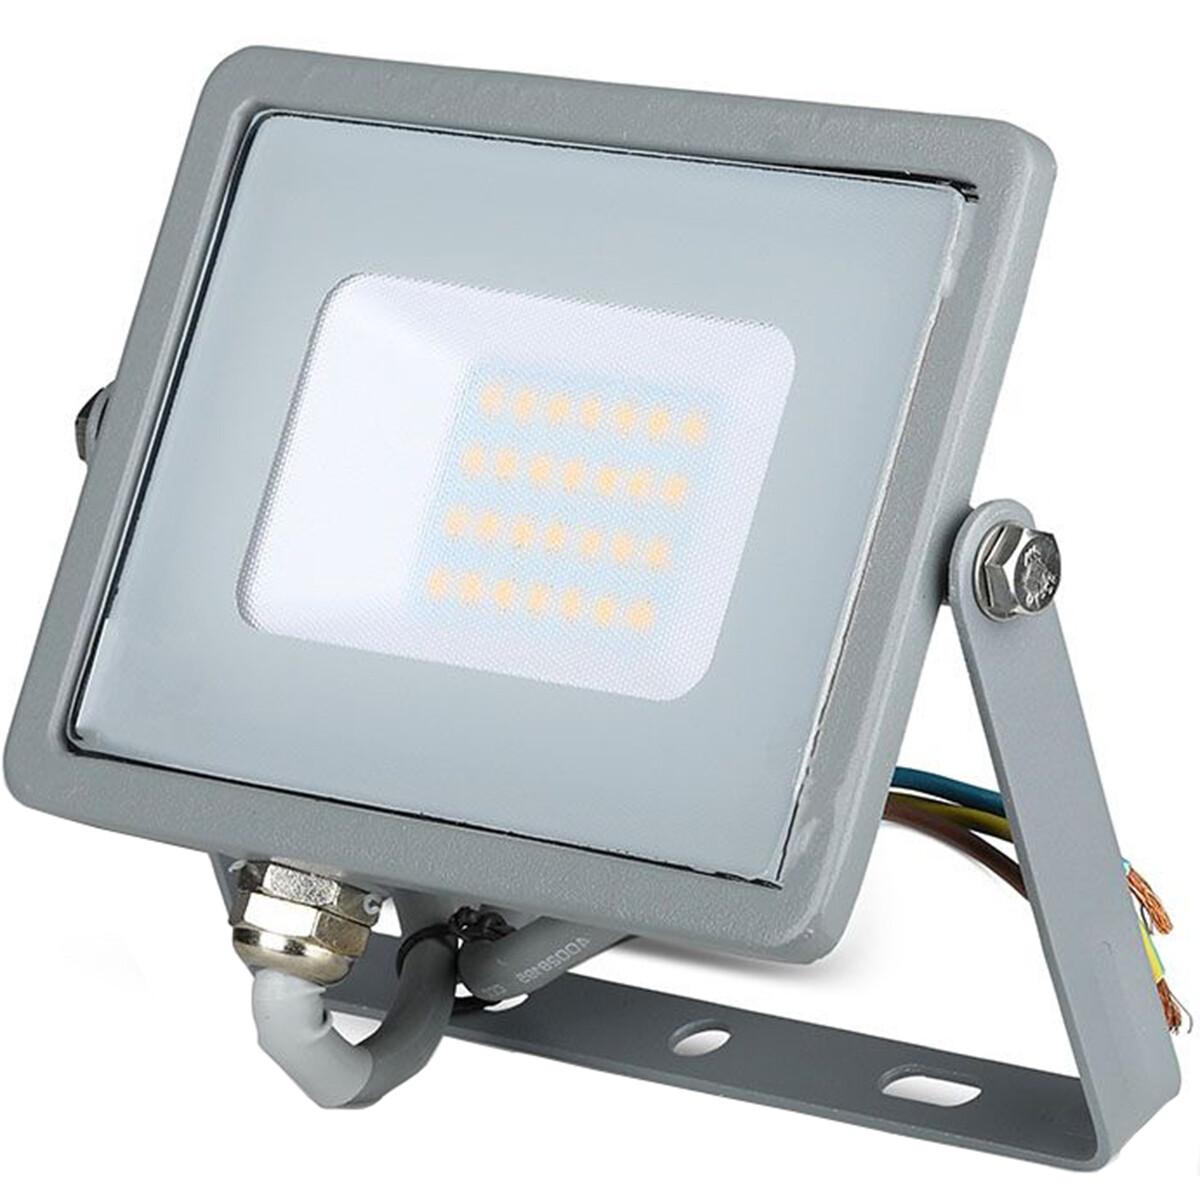 SAMSUNG - LED Bouwlamp 20 Watt - LED Schijnwerper - Viron Dana - Natuurlijk Wit 4000K - Mat Grijs -